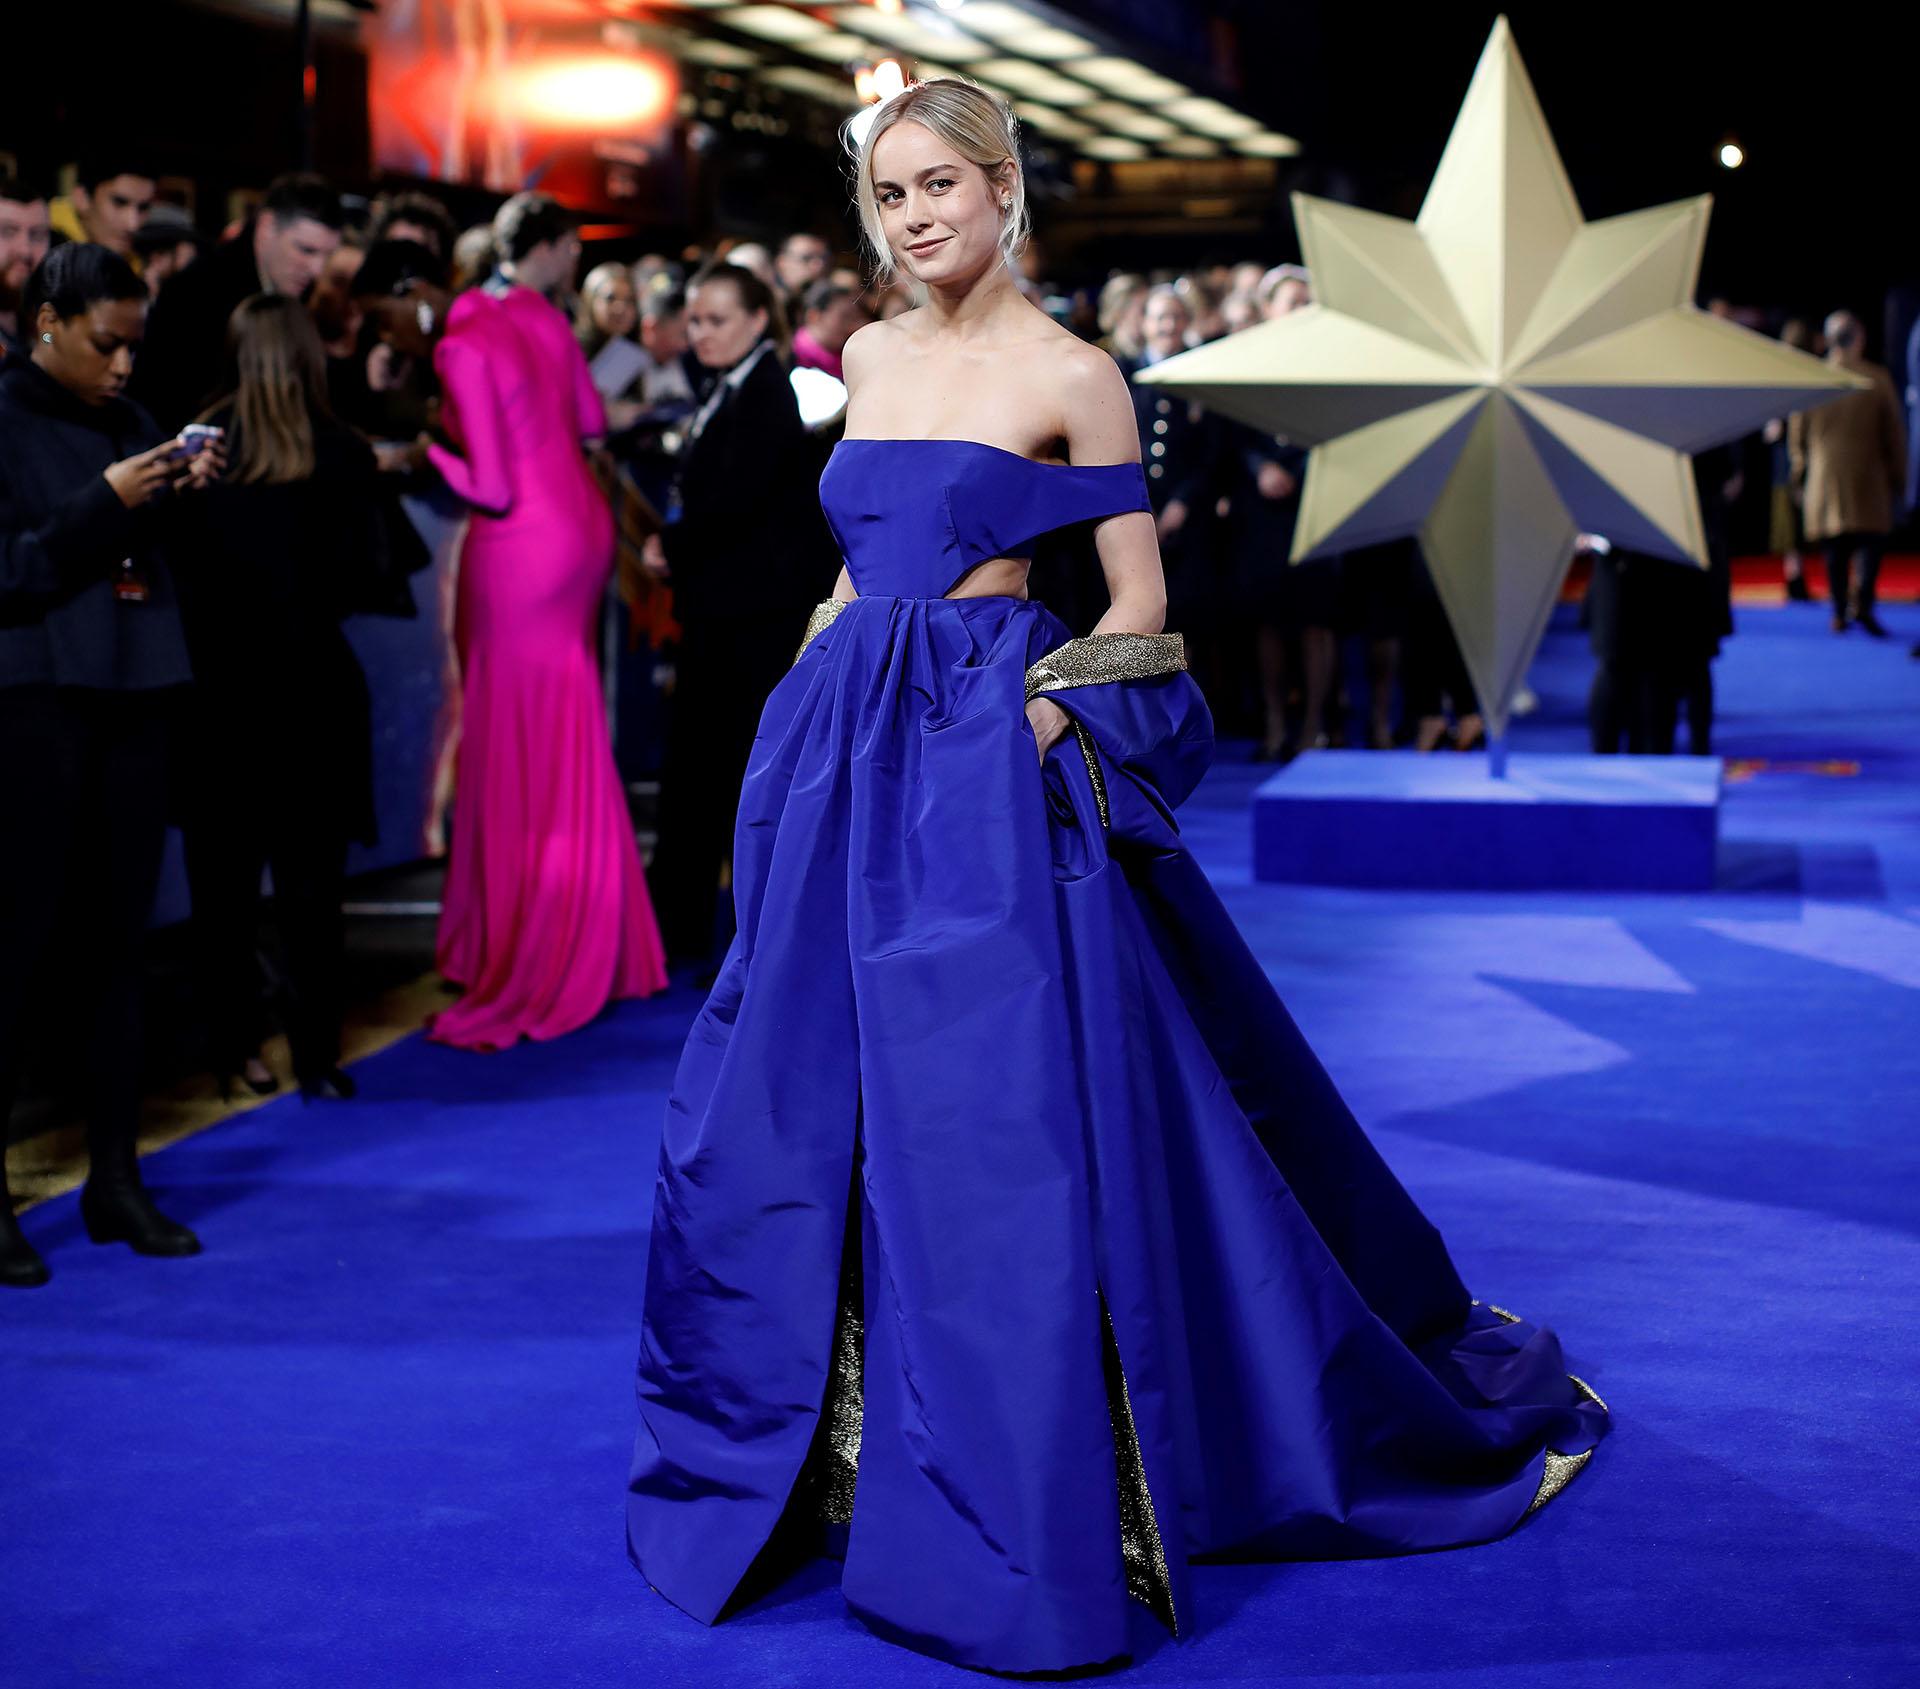 A tono con la alfombra, Brie Larson, la gran protagonista impactó con un vestido de alta costura de Valentino. Un diseño sofisticado con falda voluminosa, cortes laterales con detalles en dorado, top con hombros al descubierto y capa.